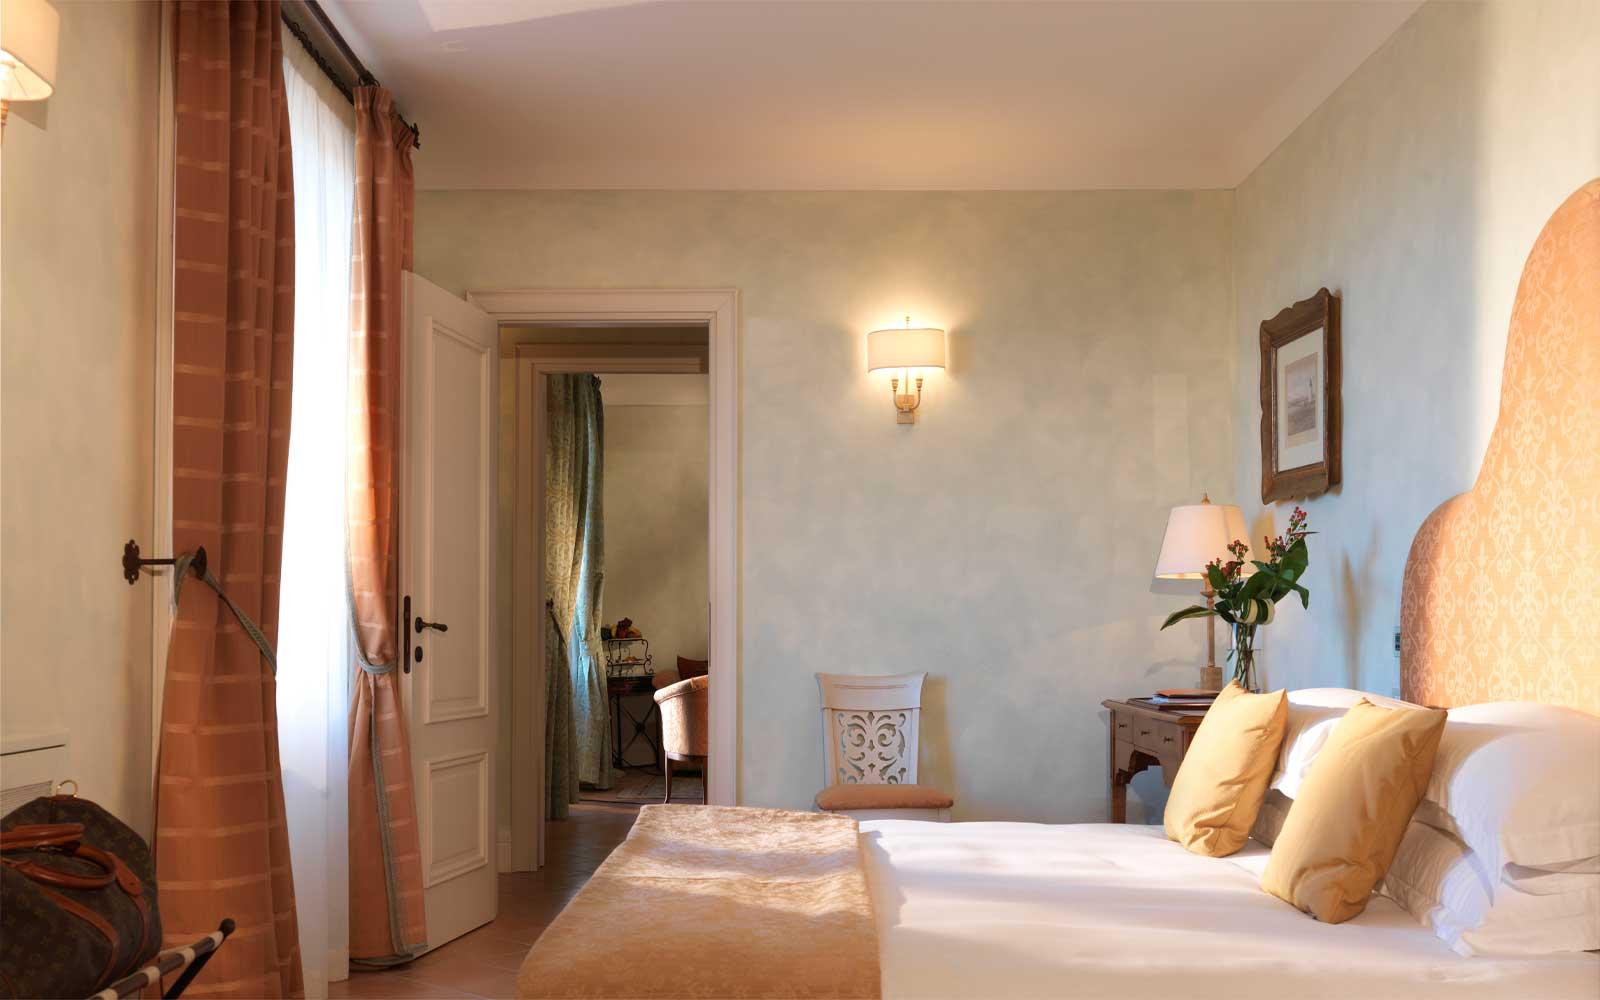 Superior Room at Hotel Giardino Di Costanza